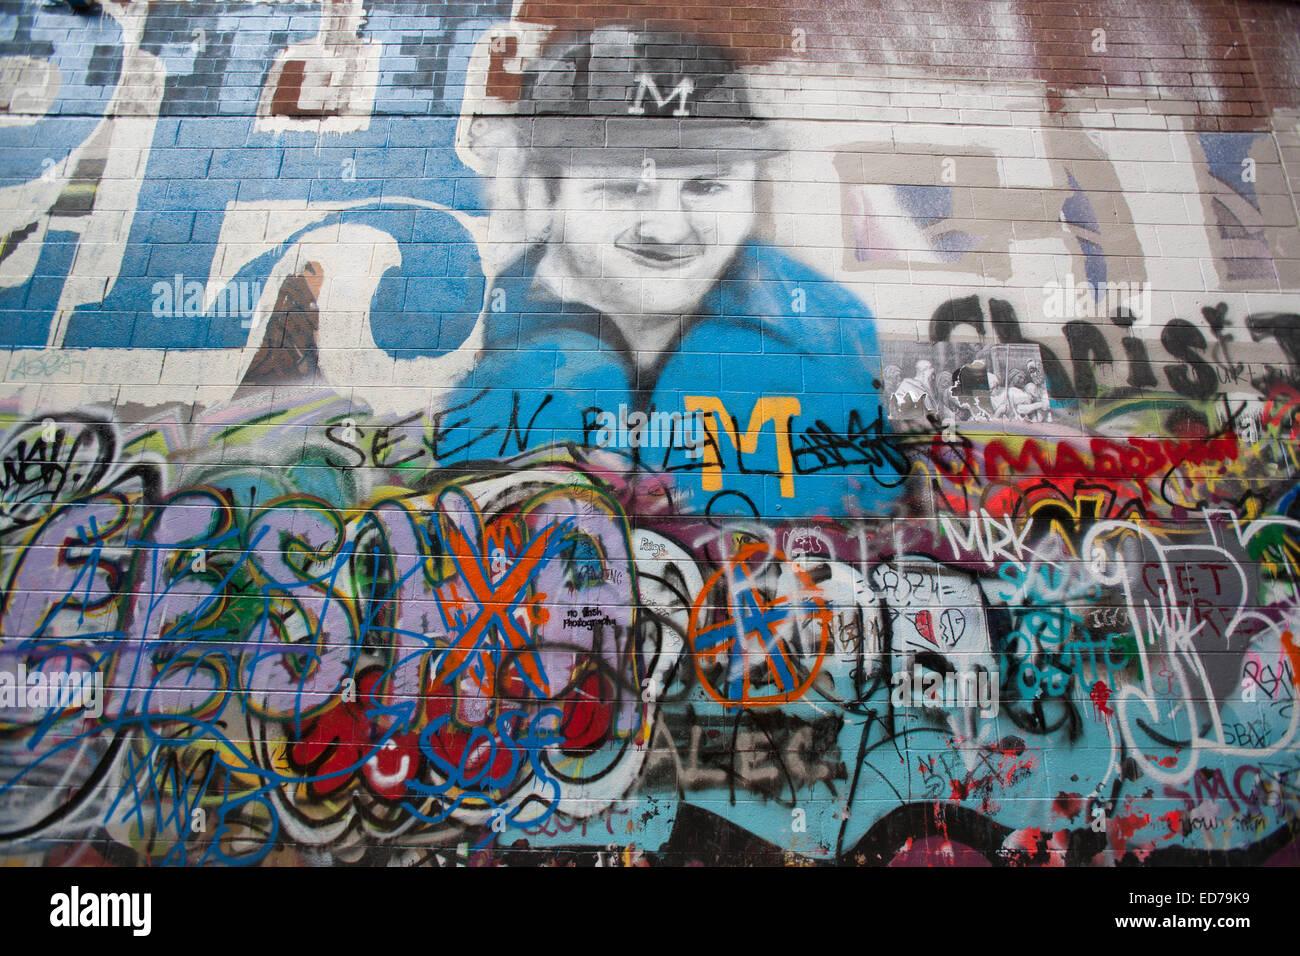 Graffiti wall ann arbor -  Graffiti Alley Ann Arbor Stock Photo